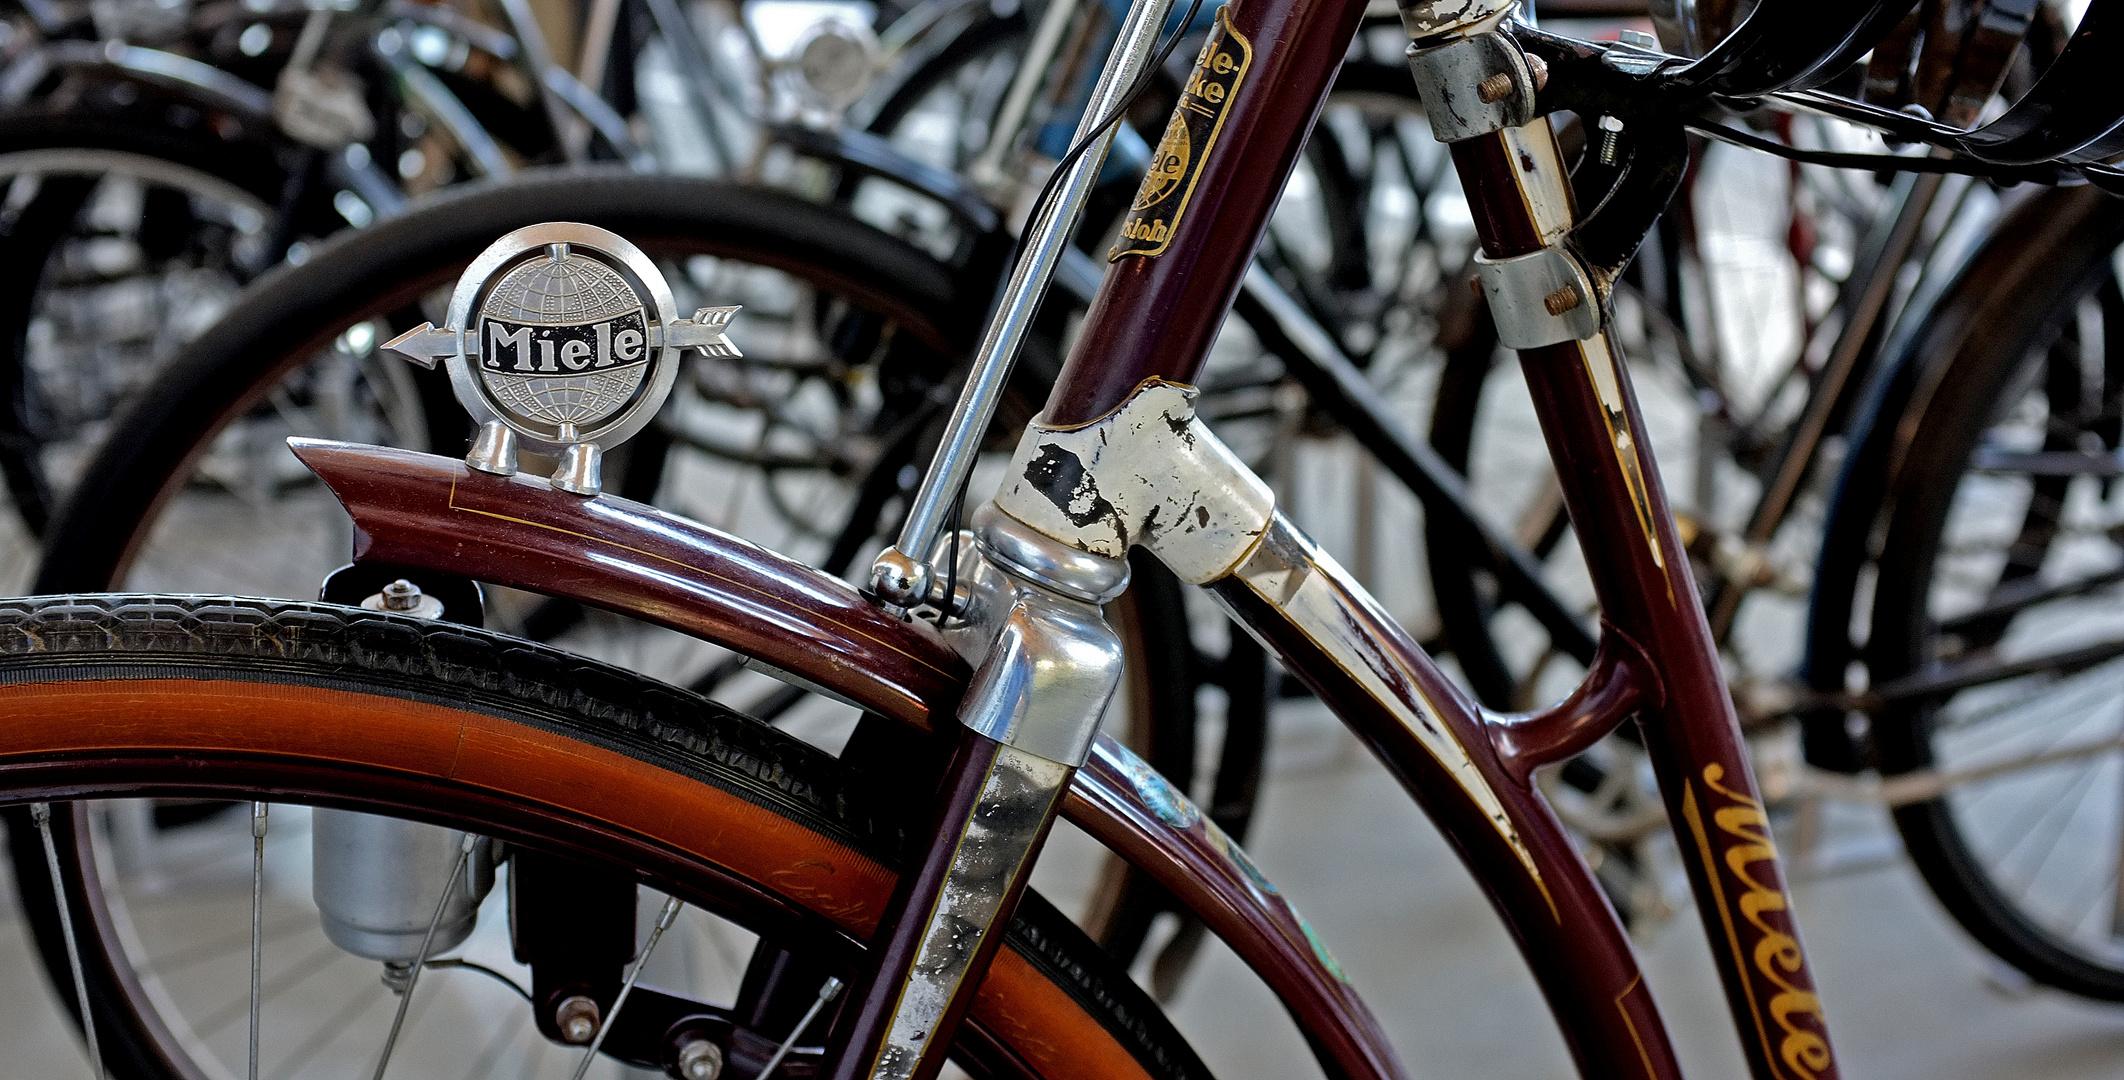 m nchen deutsches museum fahrrad von miele foto bild m nchen fahrrad verkehr bilder. Black Bedroom Furniture Sets. Home Design Ideas